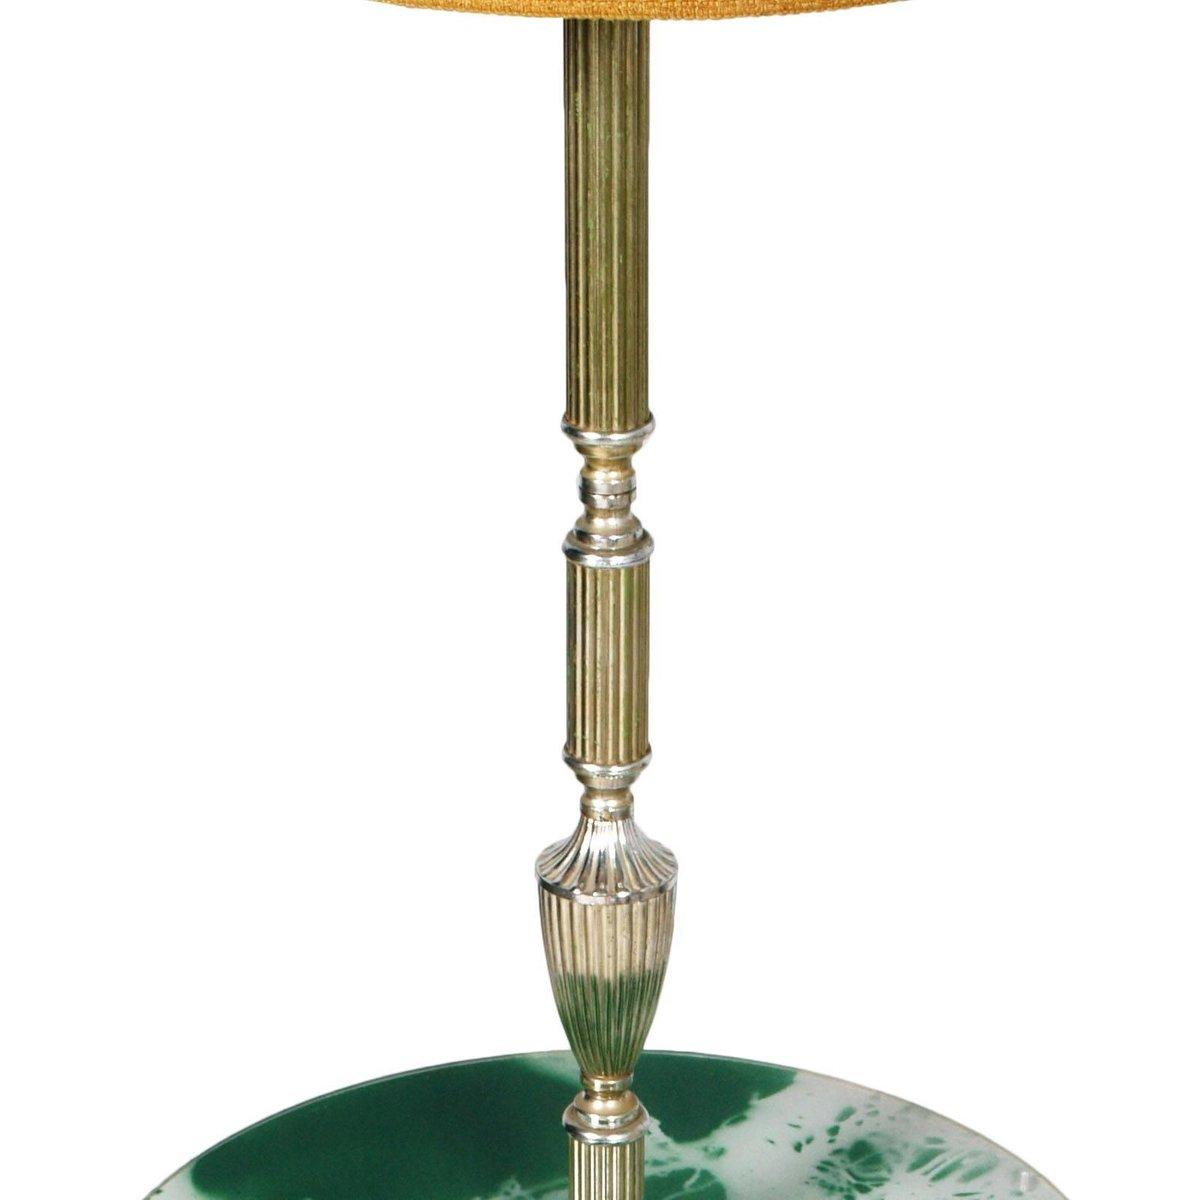 art deco dreibein stehlampe mit ablage bei pamono kaufen. Black Bedroom Furniture Sets. Home Design Ideas